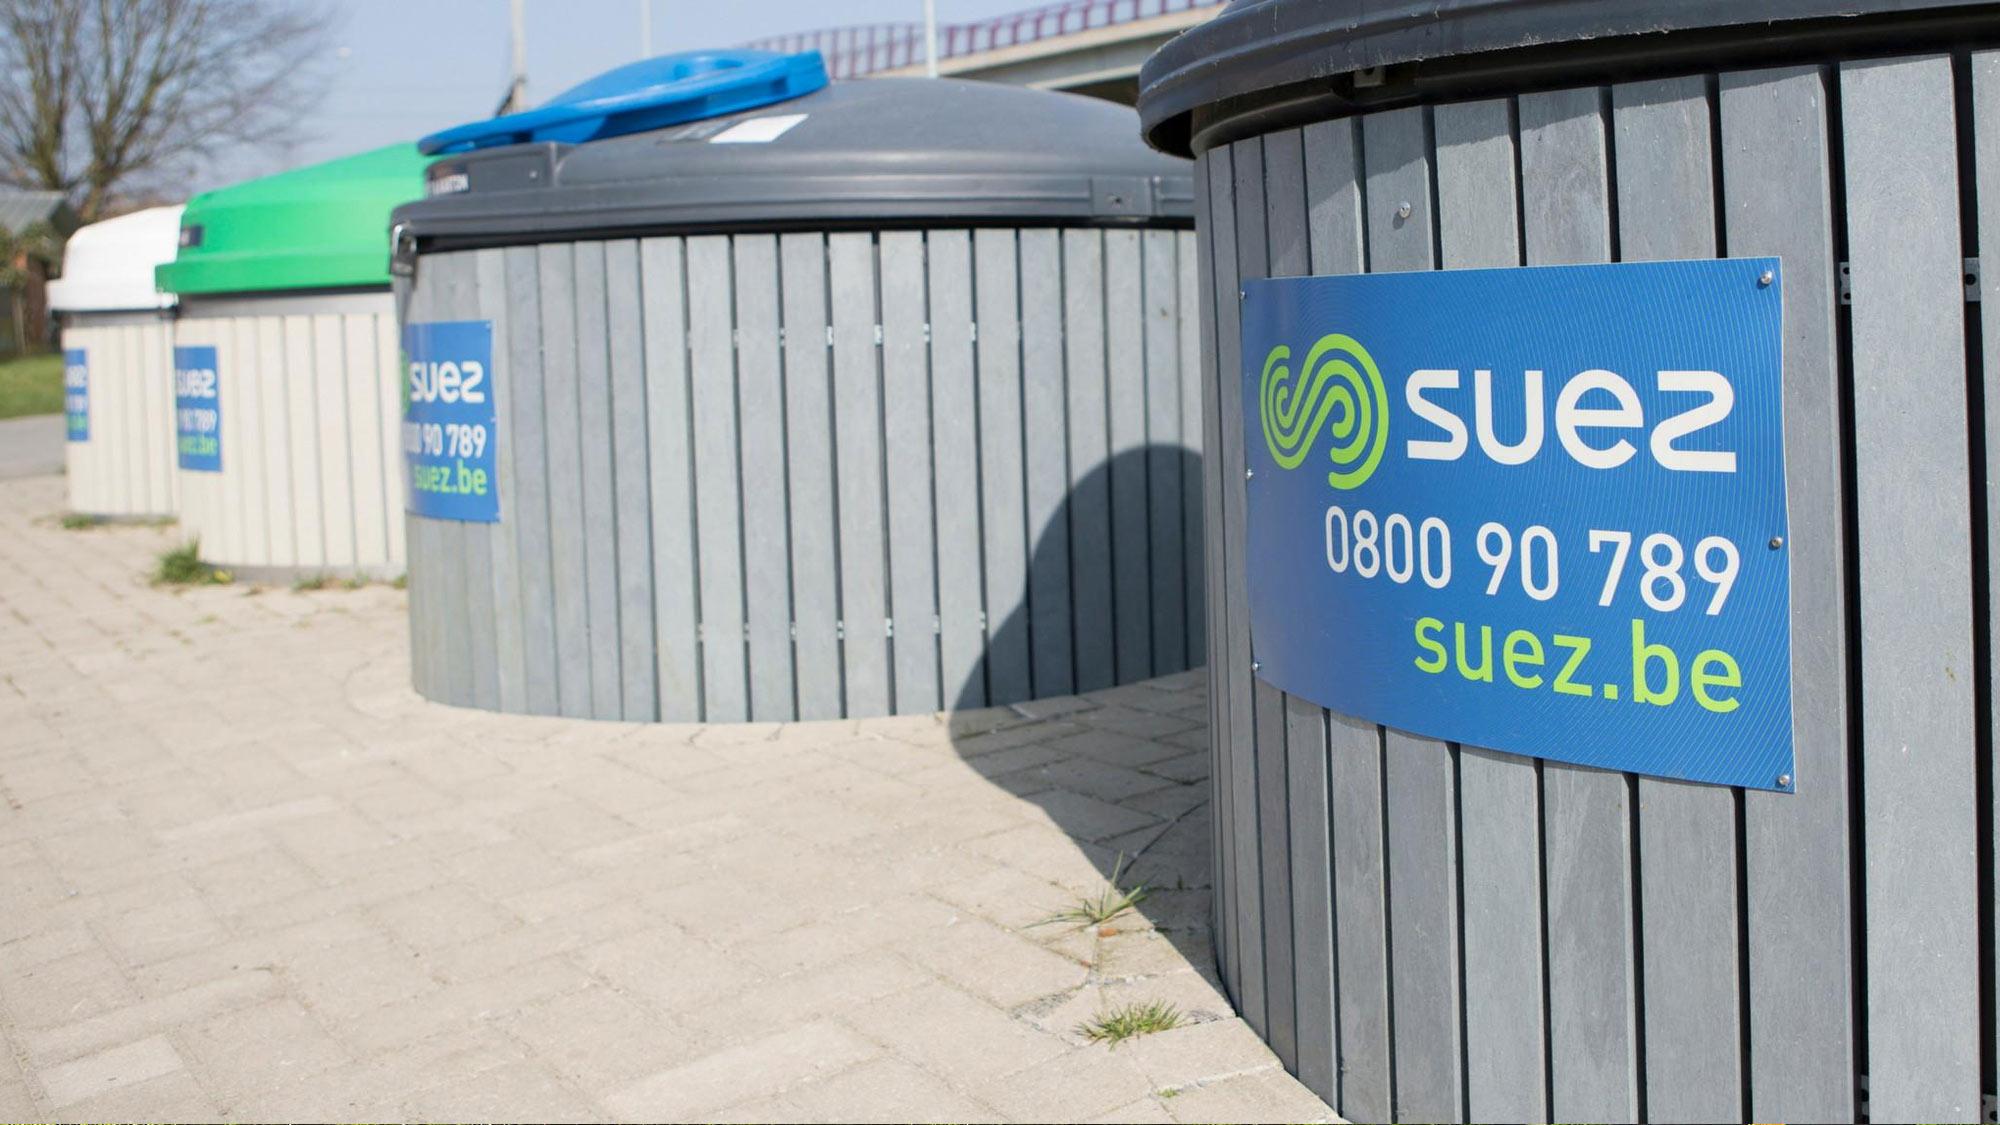 Système de pré-facturation des déchets collectés